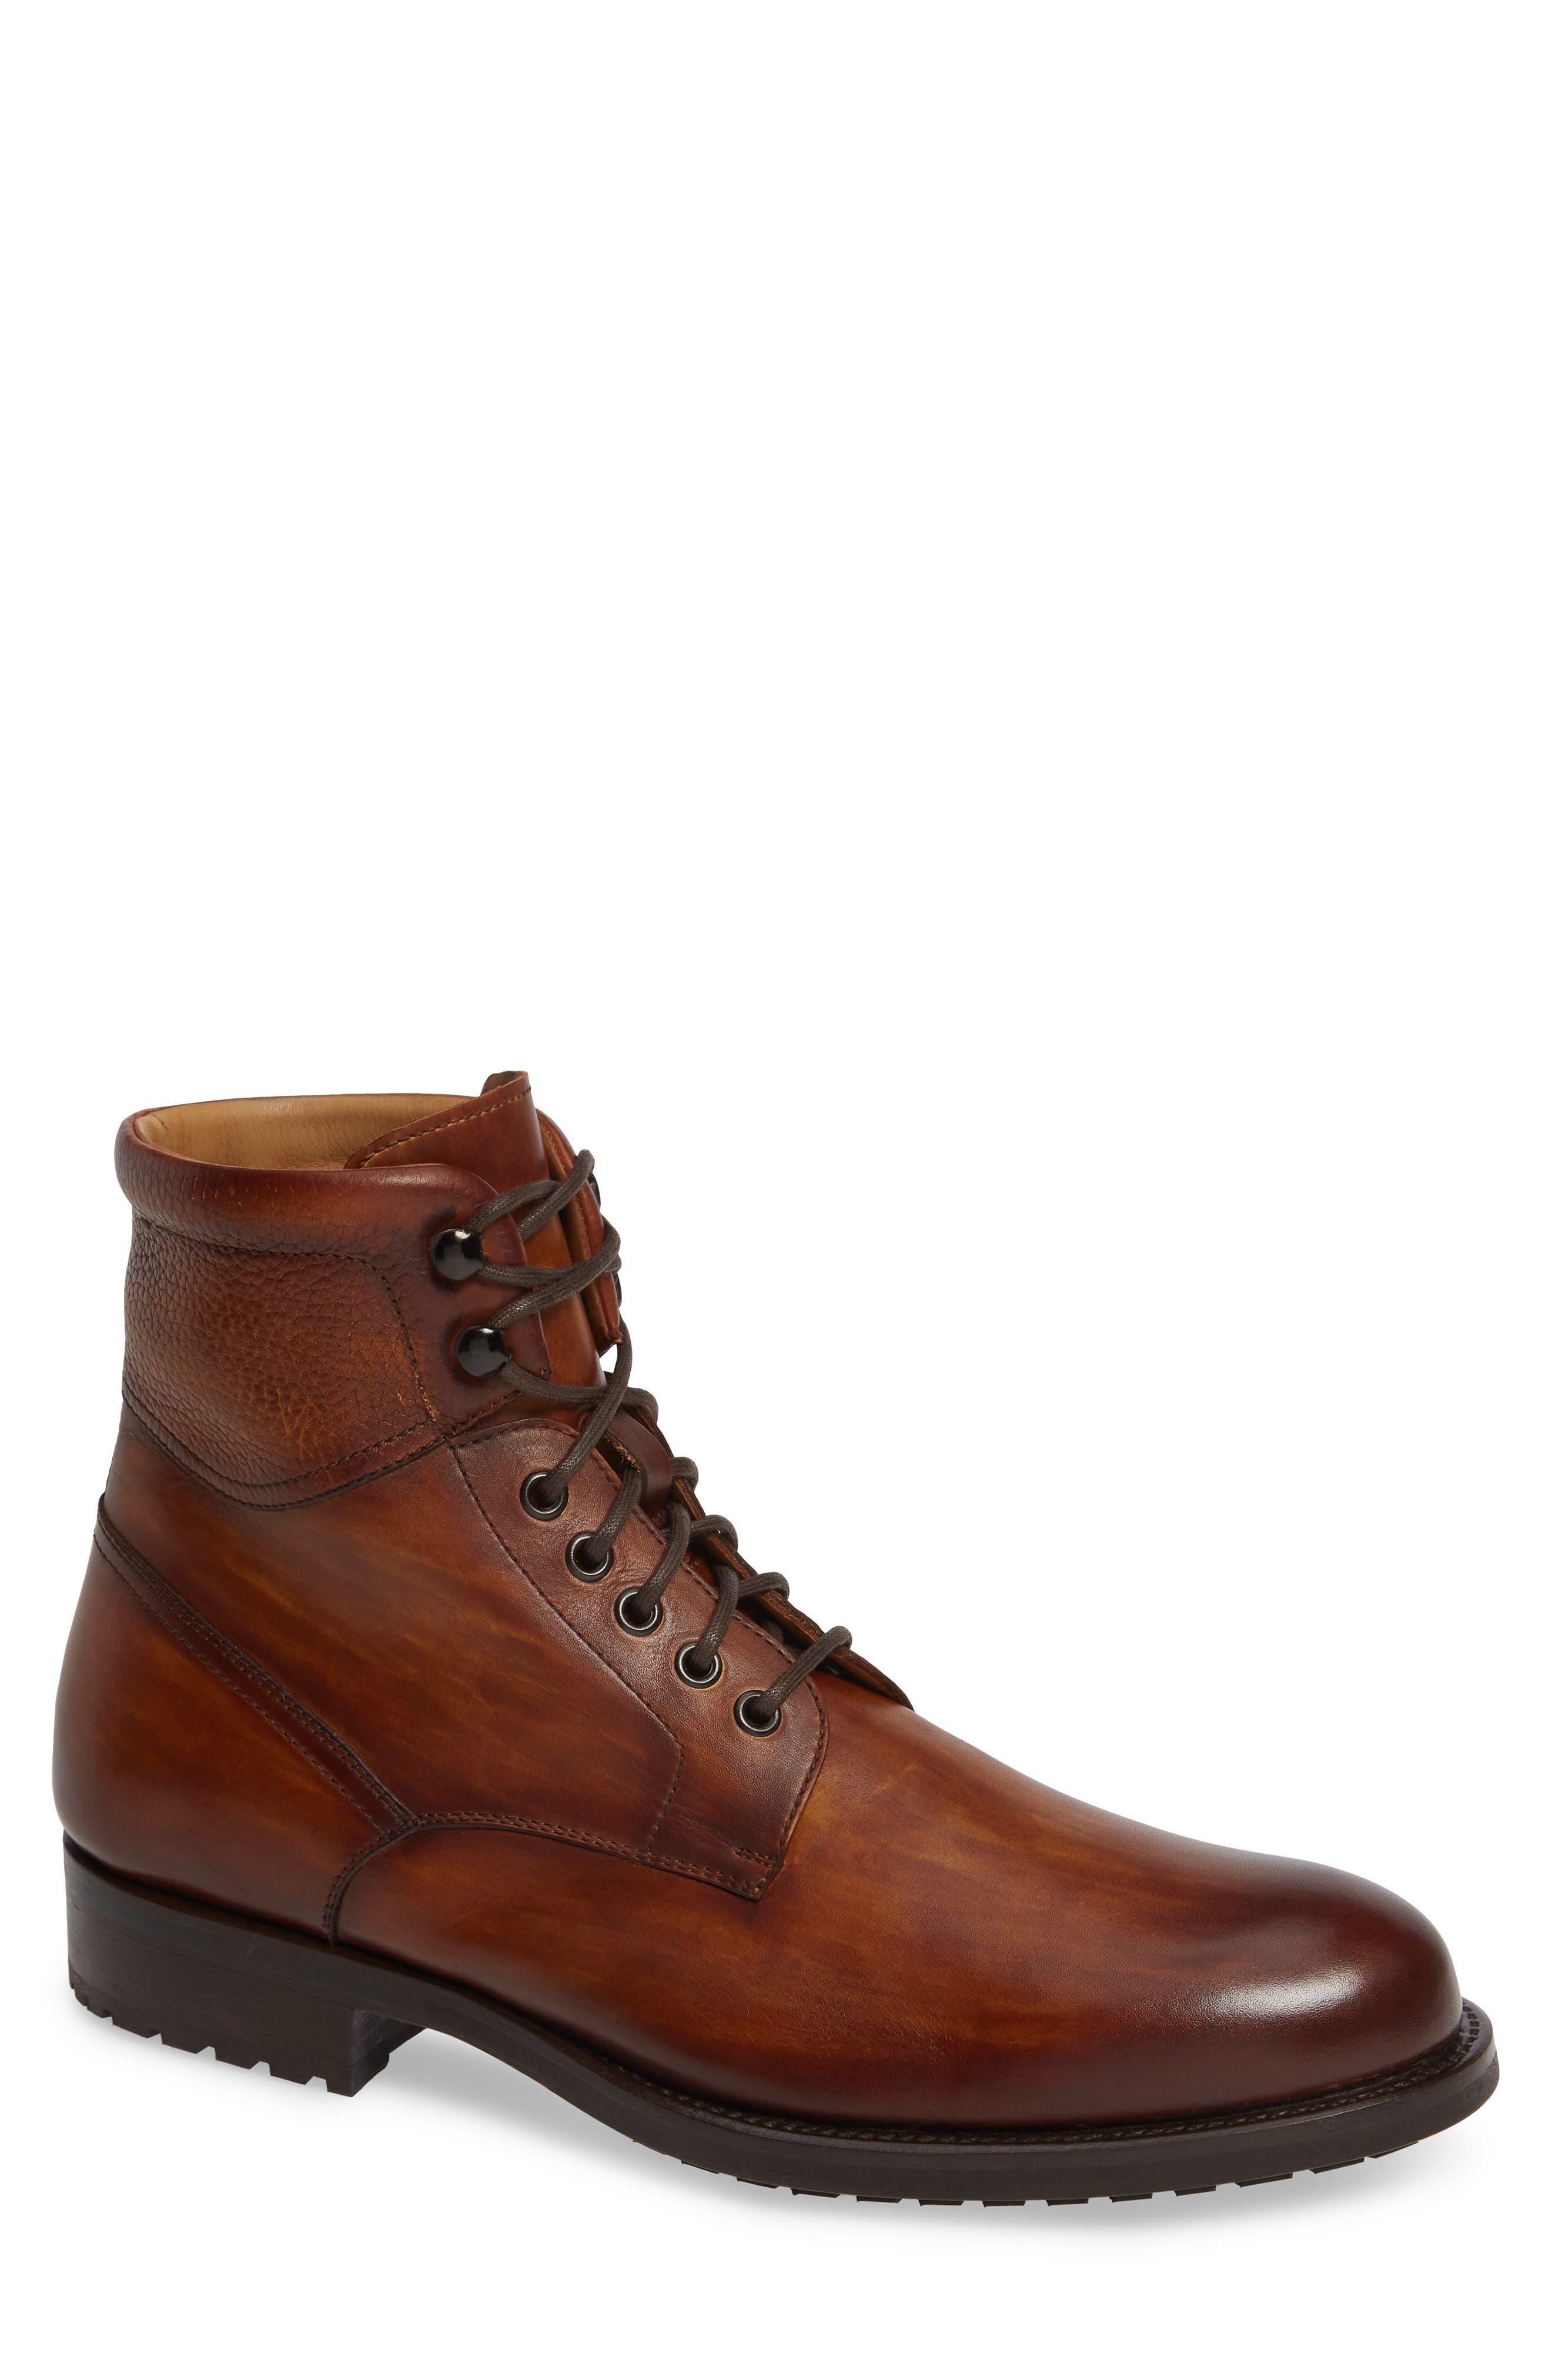 Magnanni Patton Plain Toe Boot, Brown